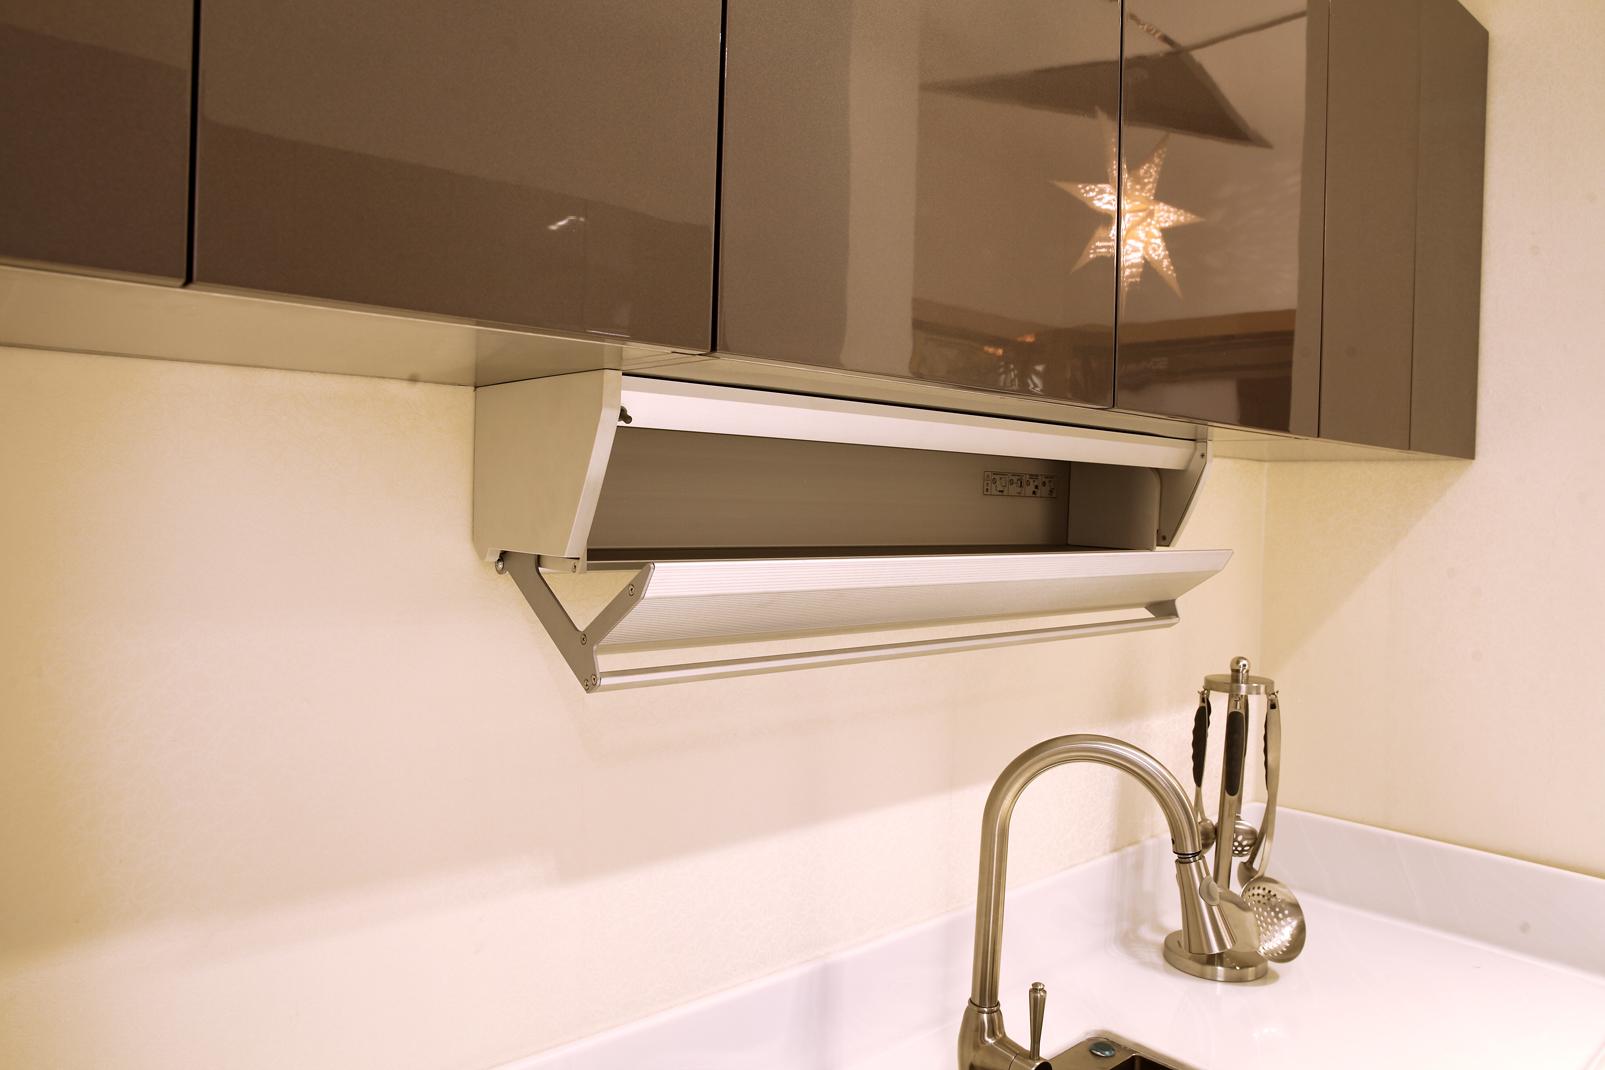 分体式整体橱柜系列不锈钢橱柜定制